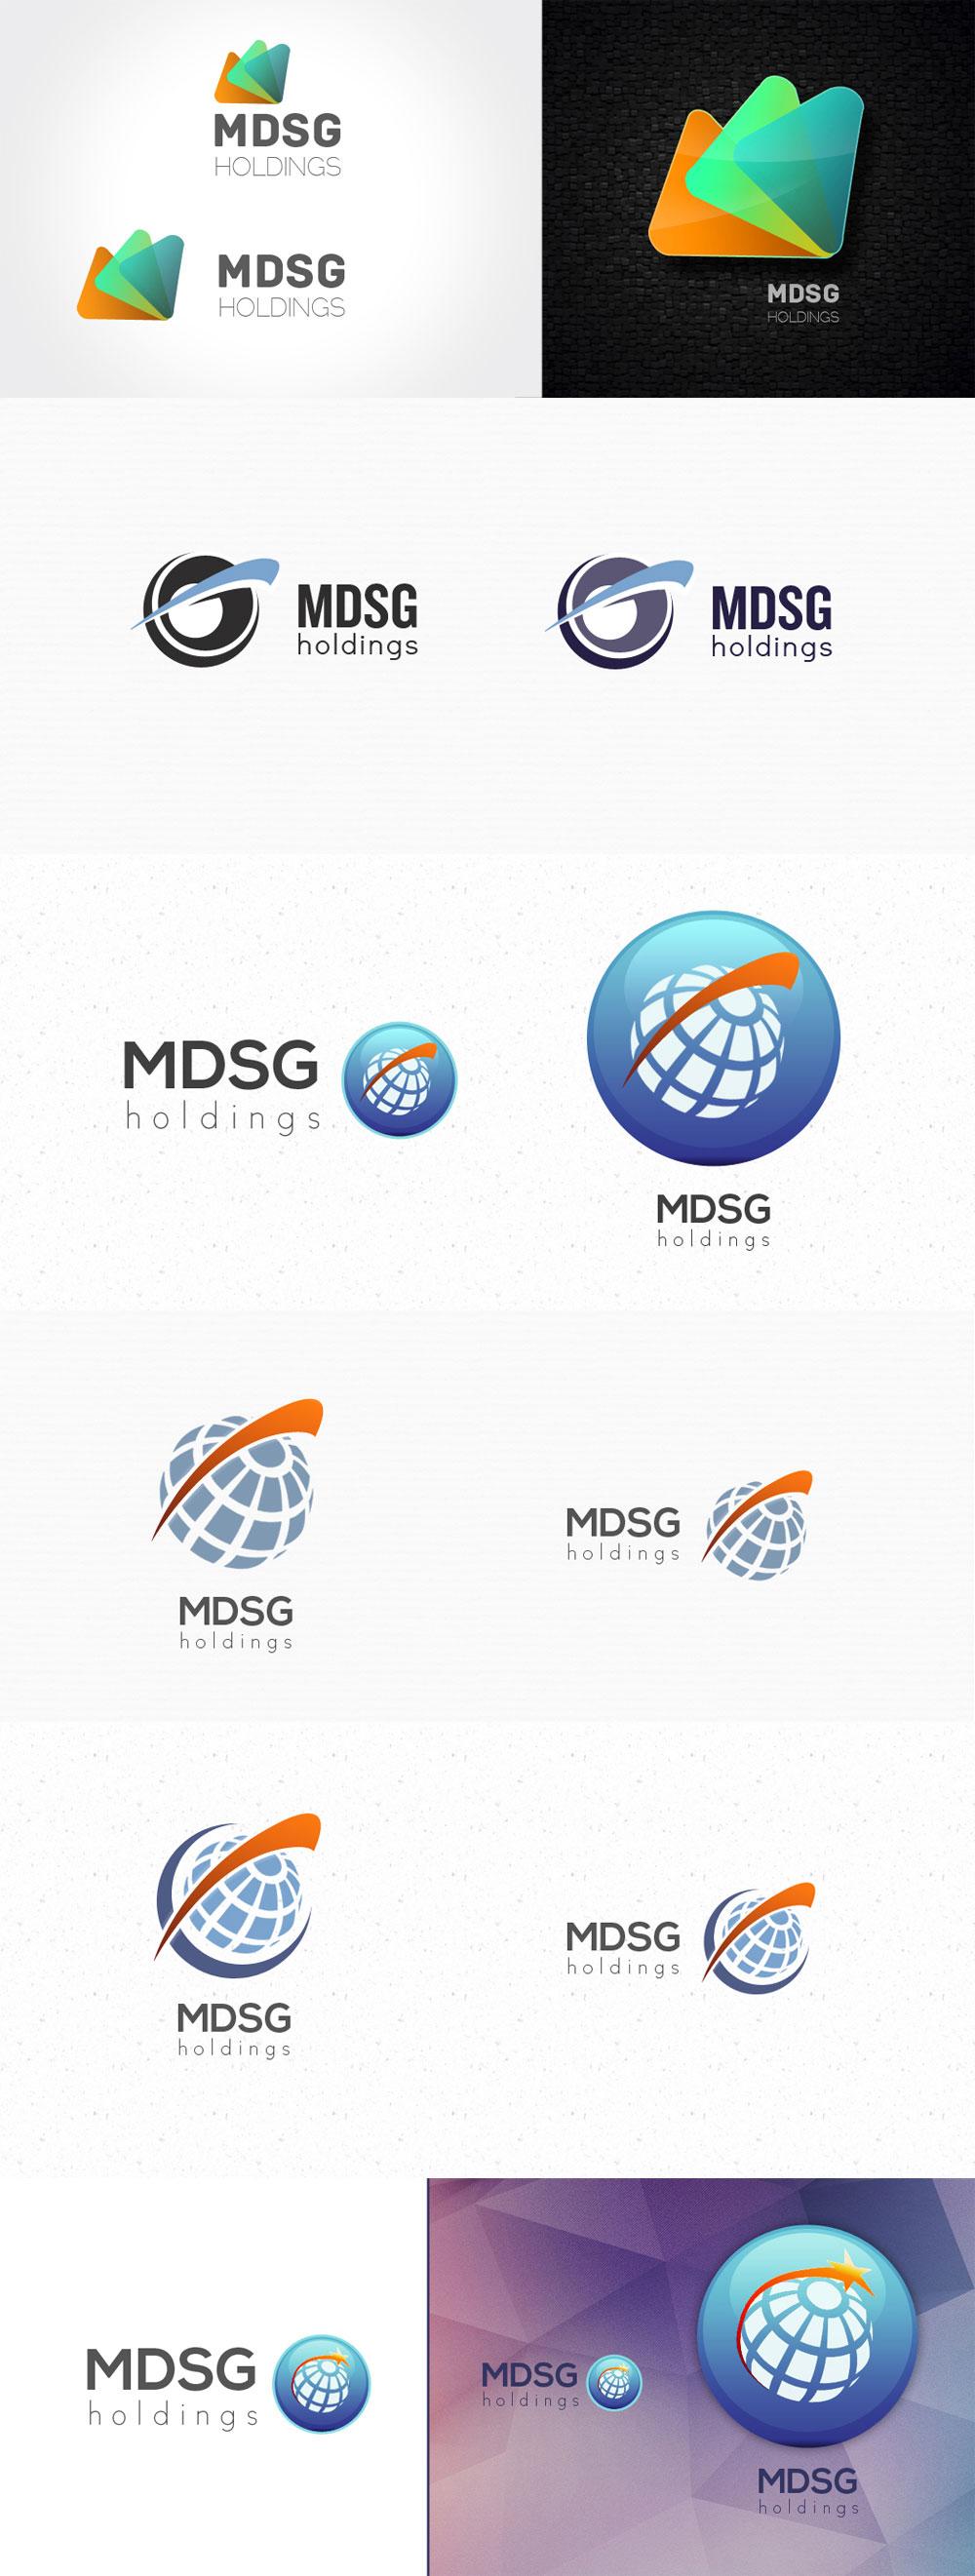 mdsg1.jpg